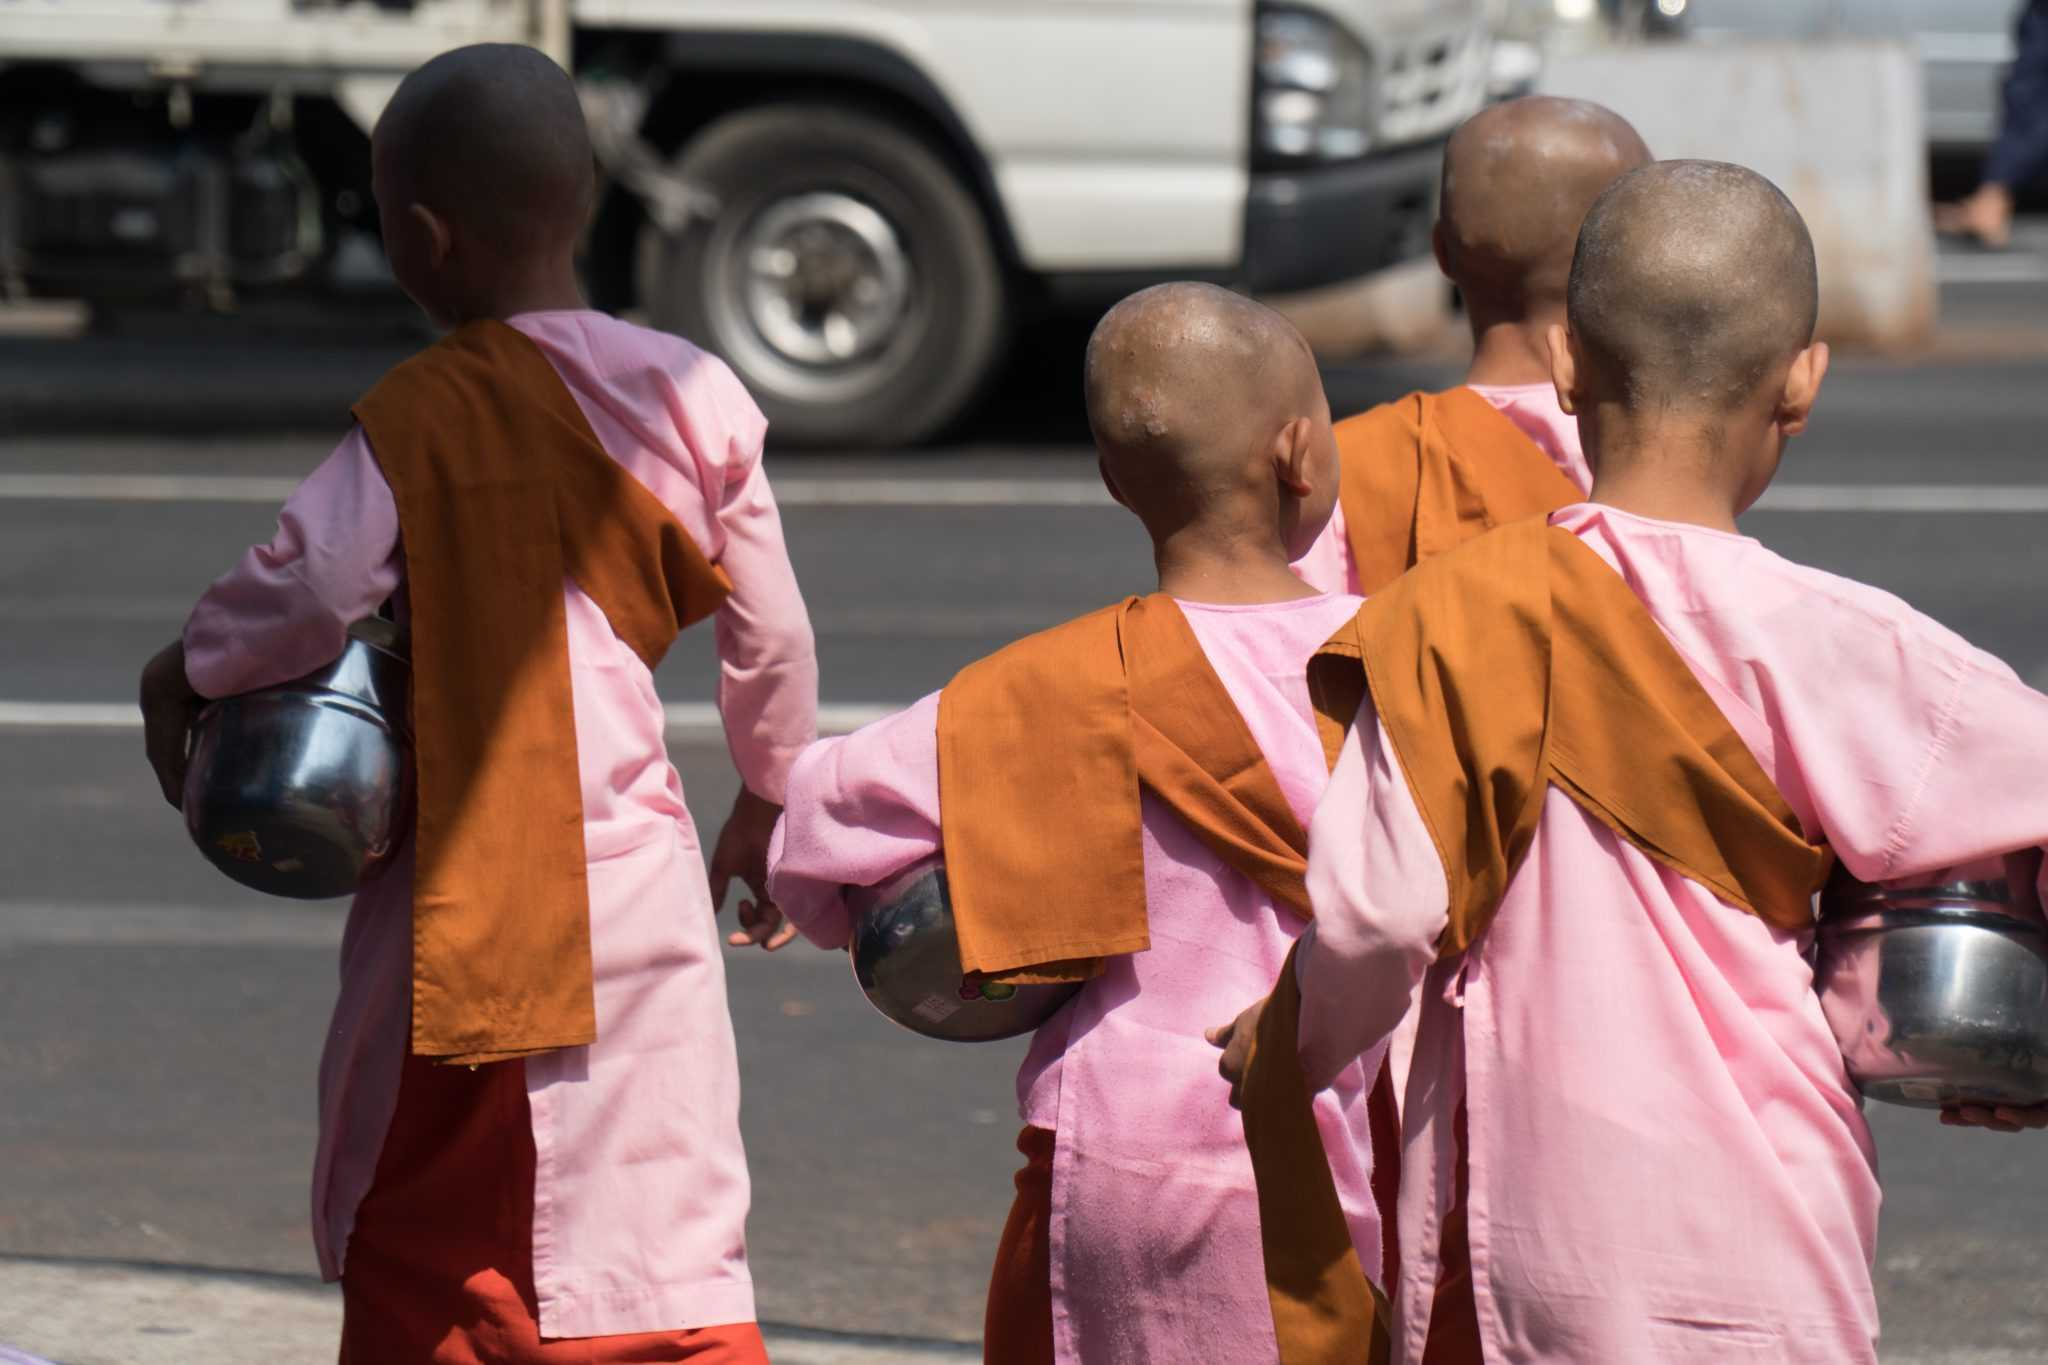 Des petits moines en quête de leur déjeuner